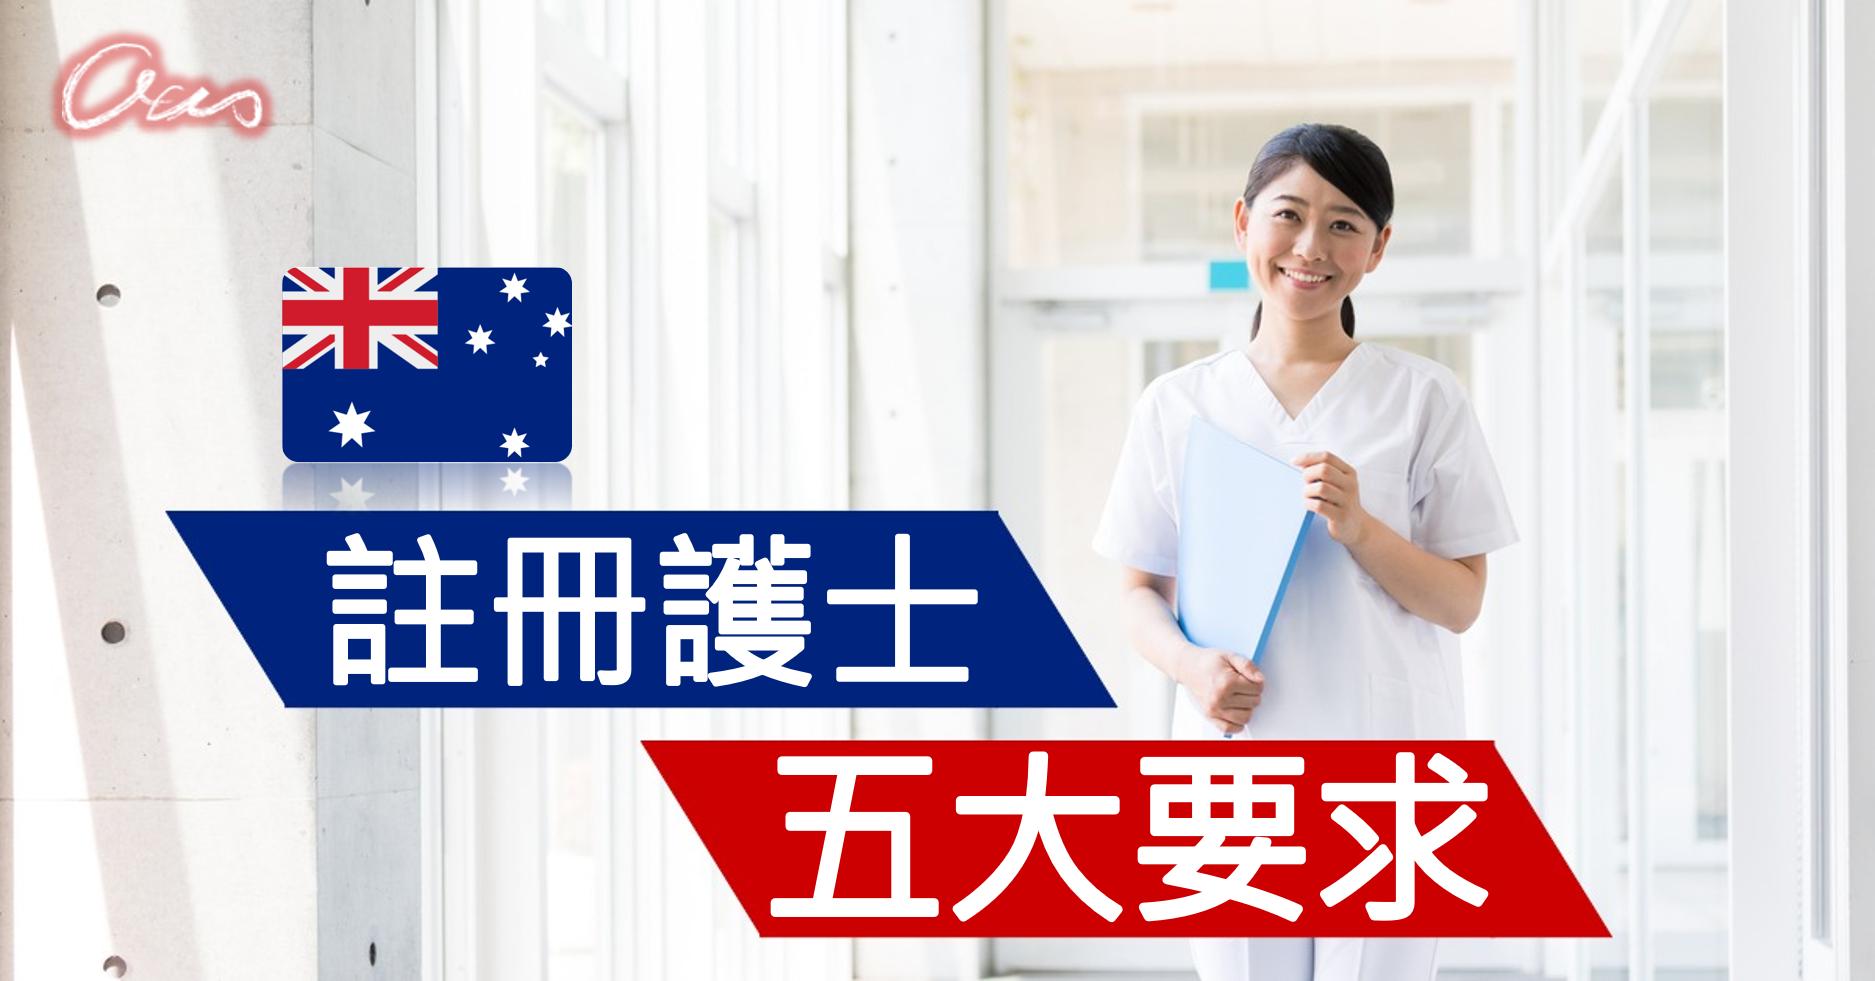 香港護士移民澳洲解析